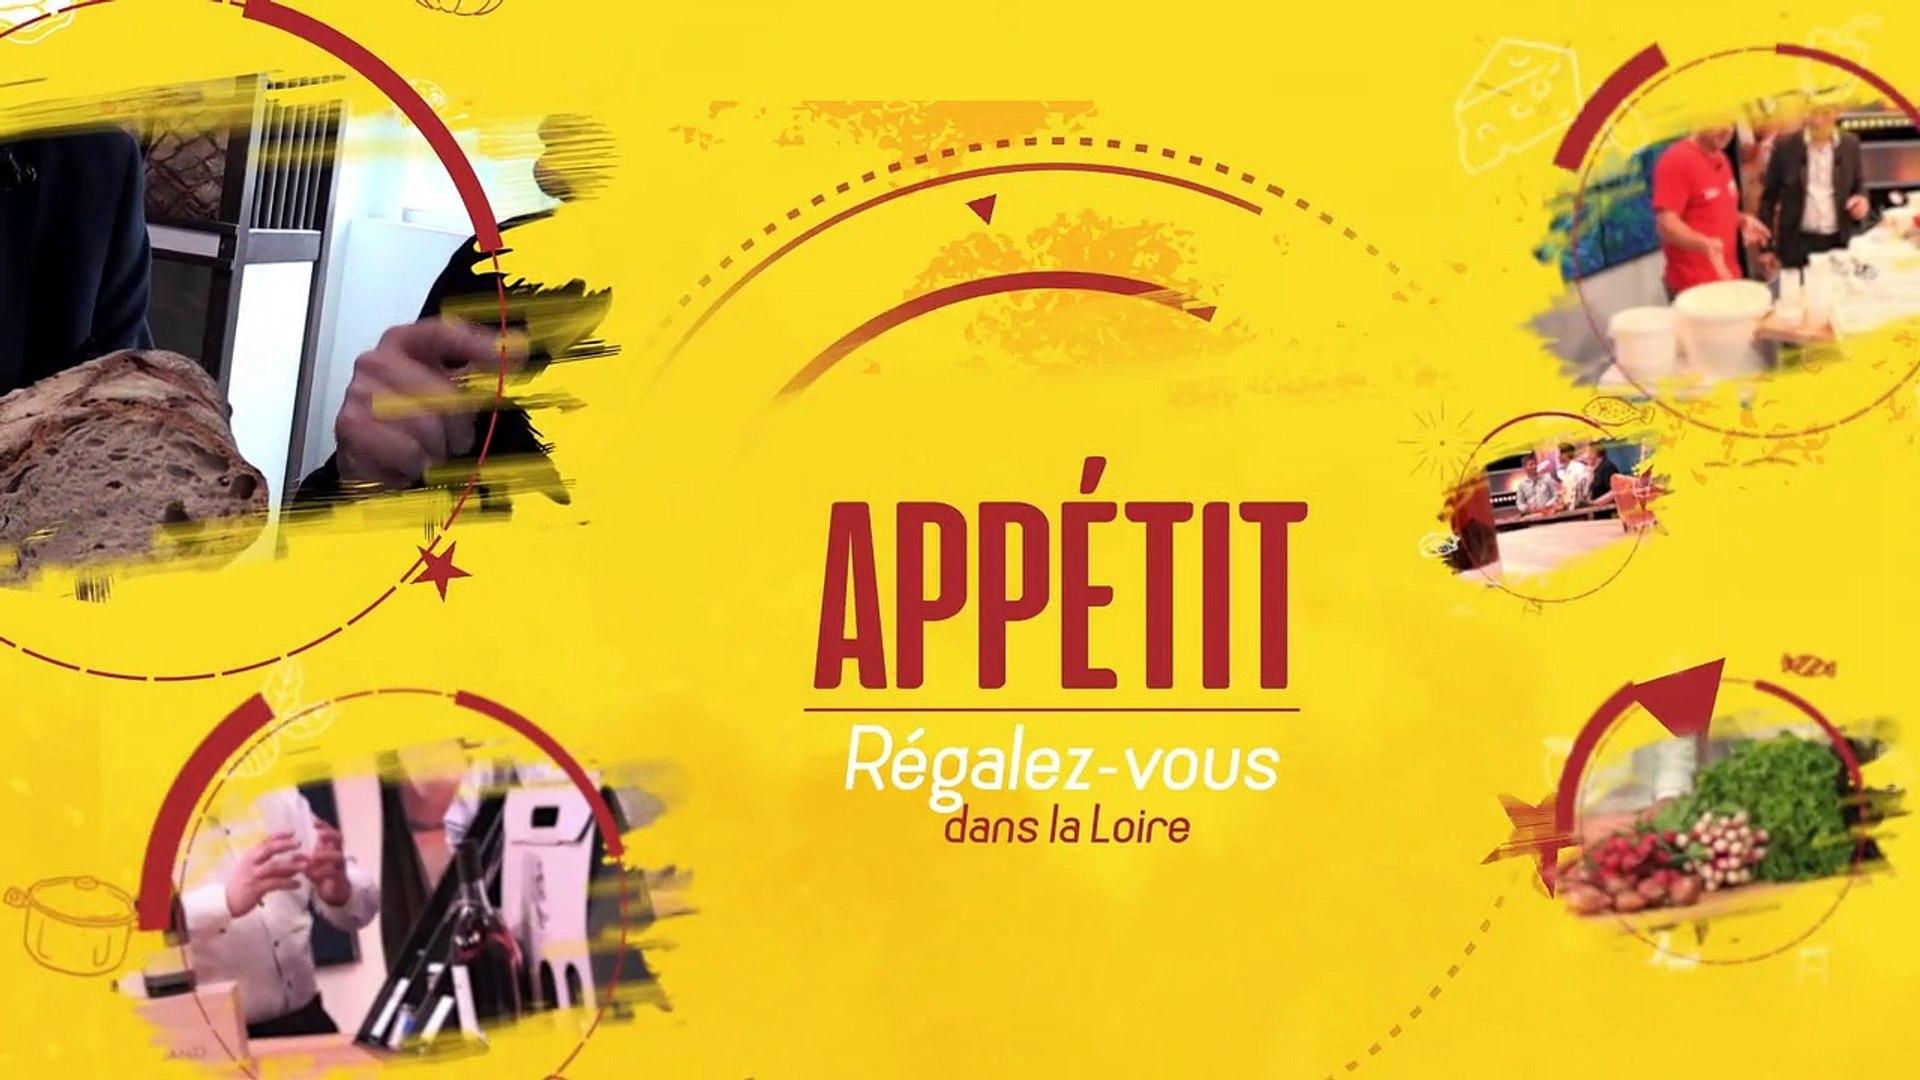 Appetit spécial confinement - Vendredi 24 avril 2020